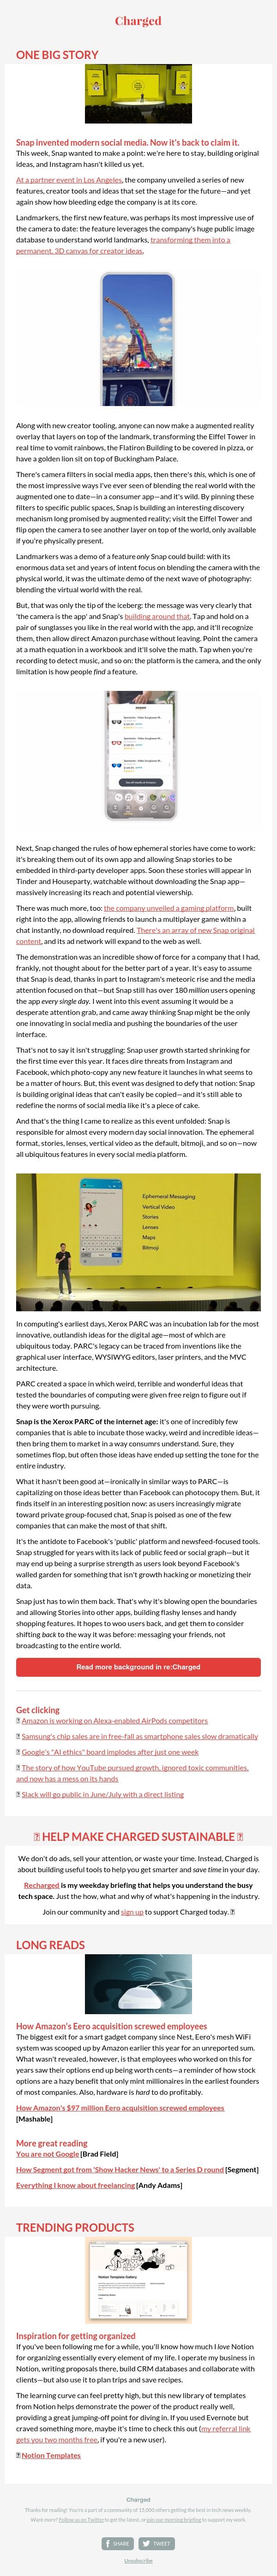 #189: Snapchat, social media's incubator, is back